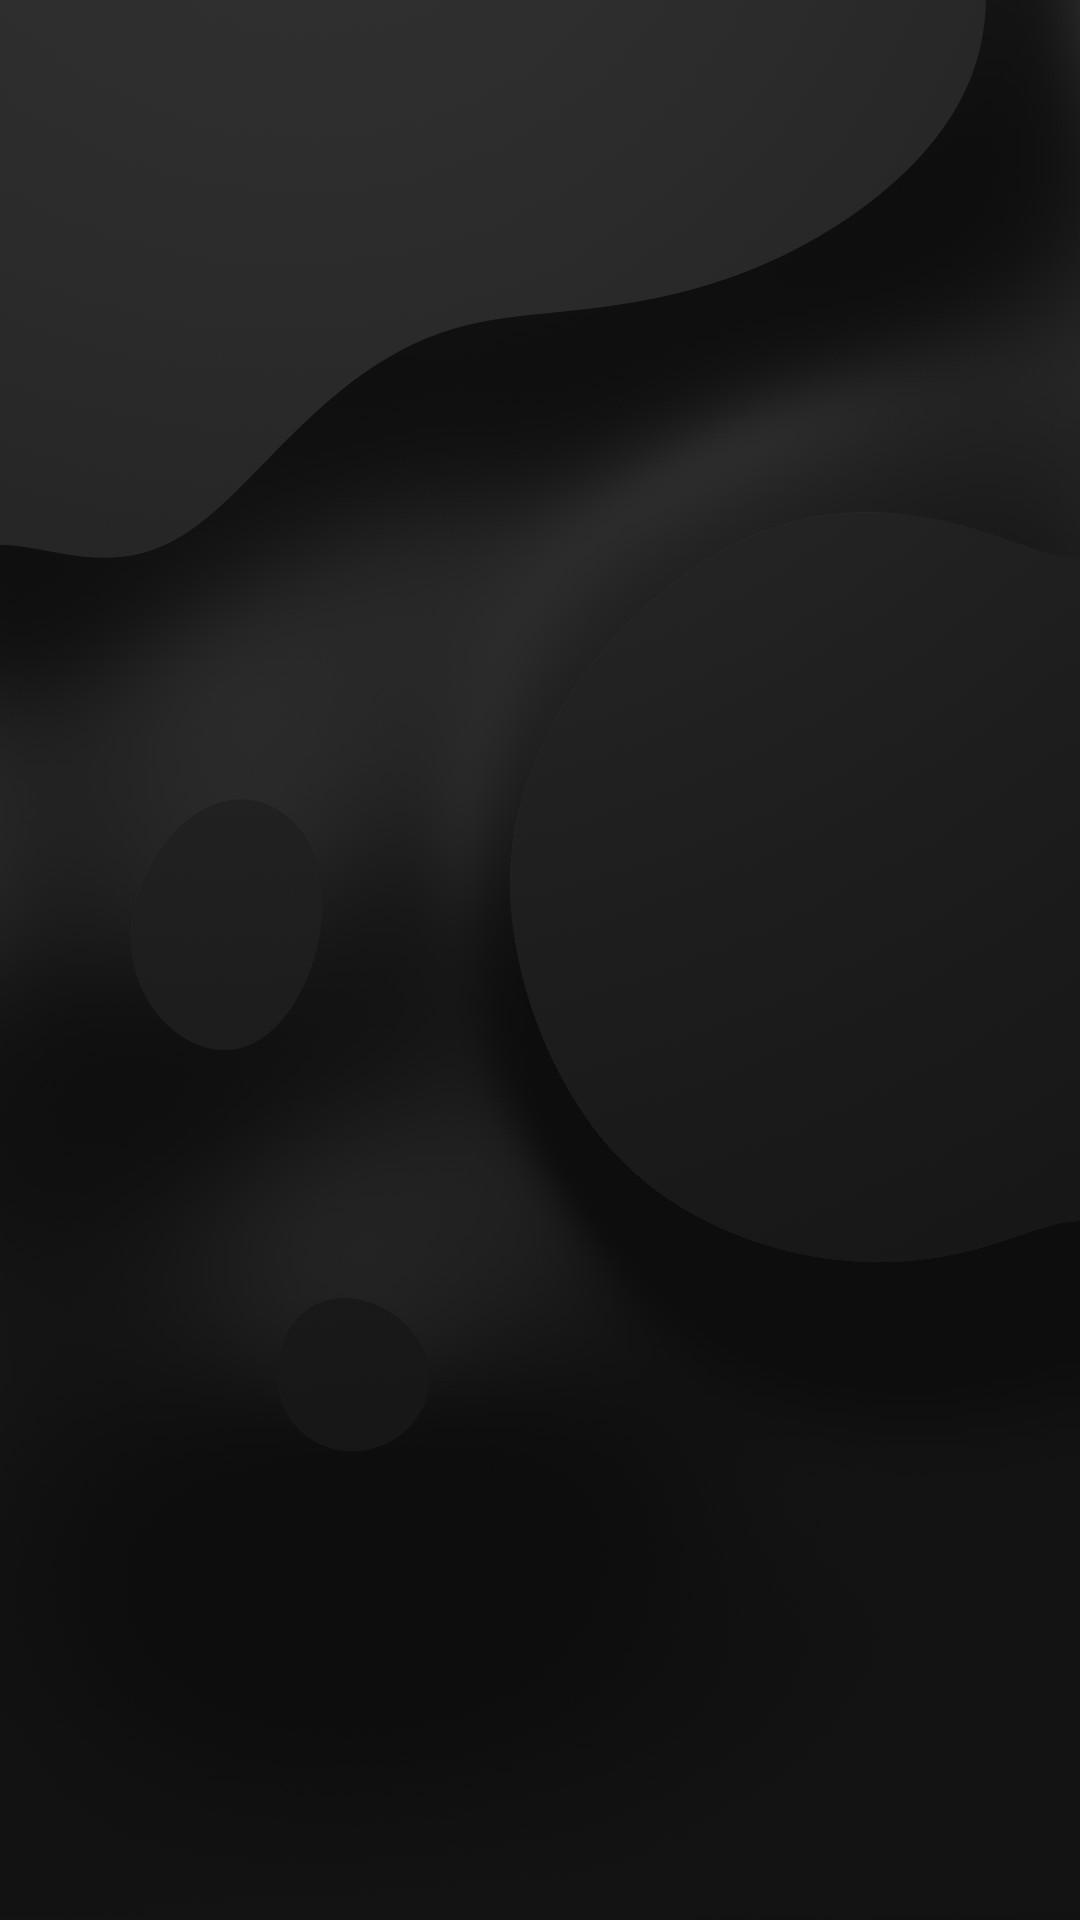 Best Iphone X Wallpaper Oled Google Pixel 2 Stock Wallpaper 05 1080x1920